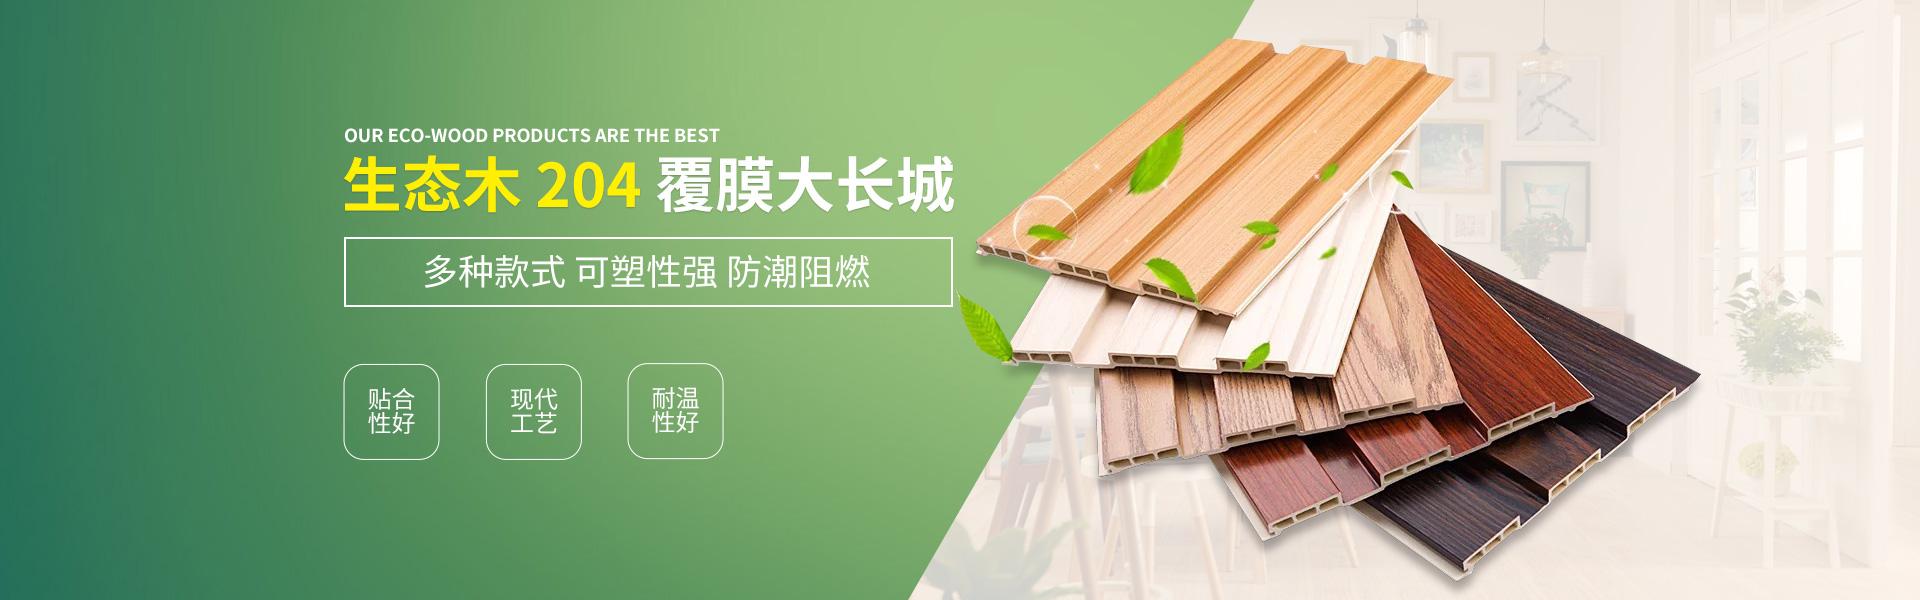 竹木纤维集成墙板直销,竹木纤维木塑吸音板厂家,竹炭纤维集成墙面,临沂生态木厂家